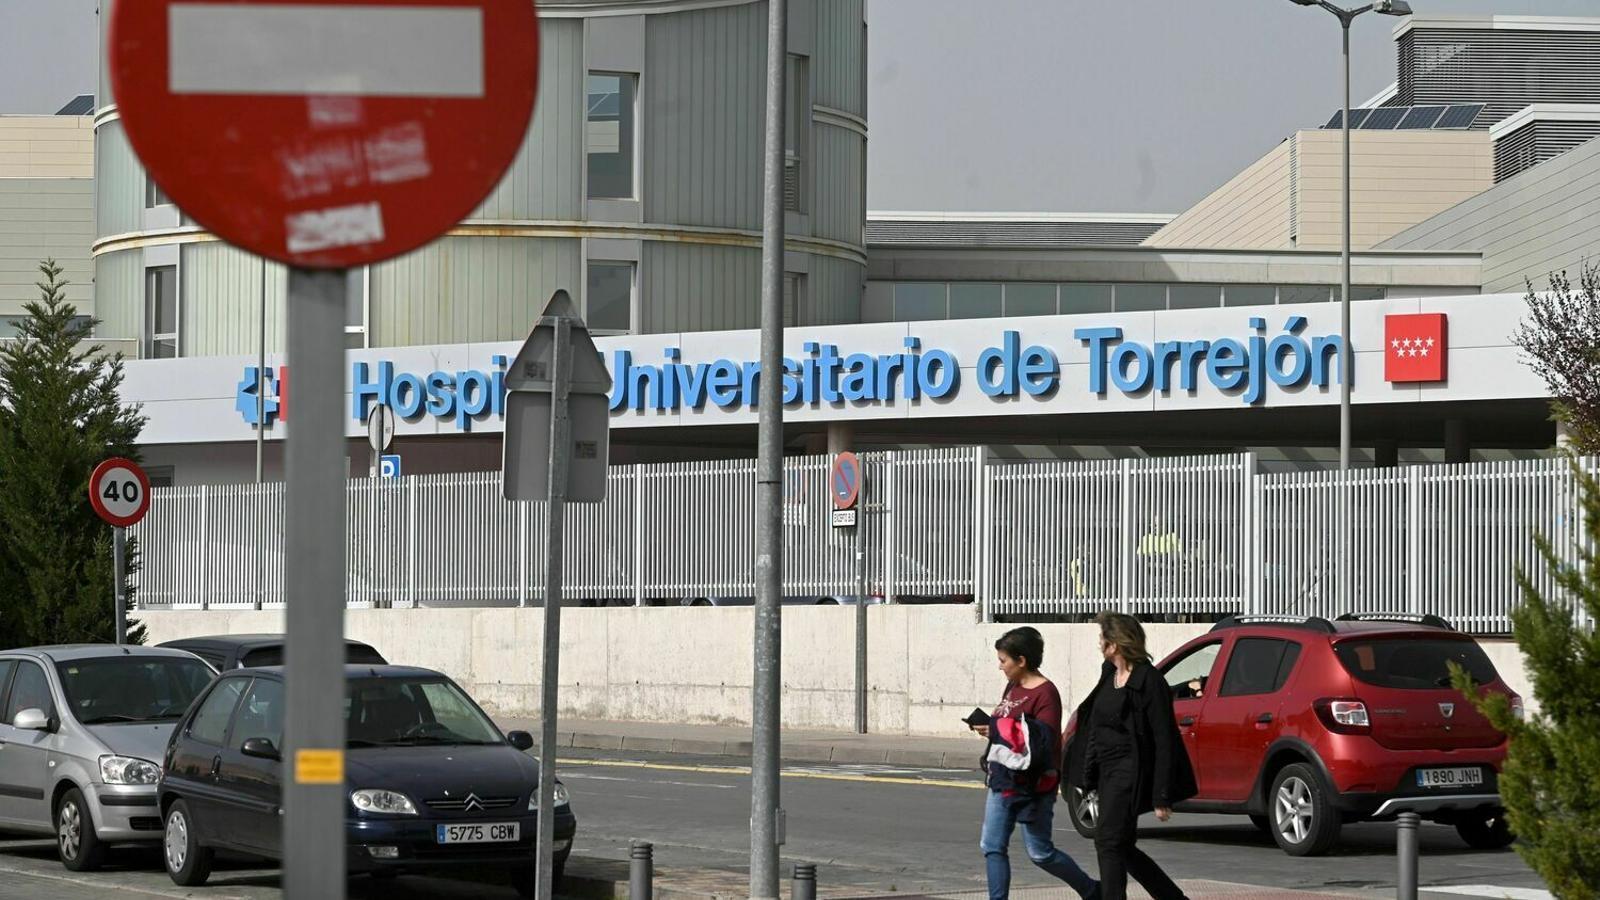 Vista exterior de l'Hospital Universitario de Torrejón (Madrid)